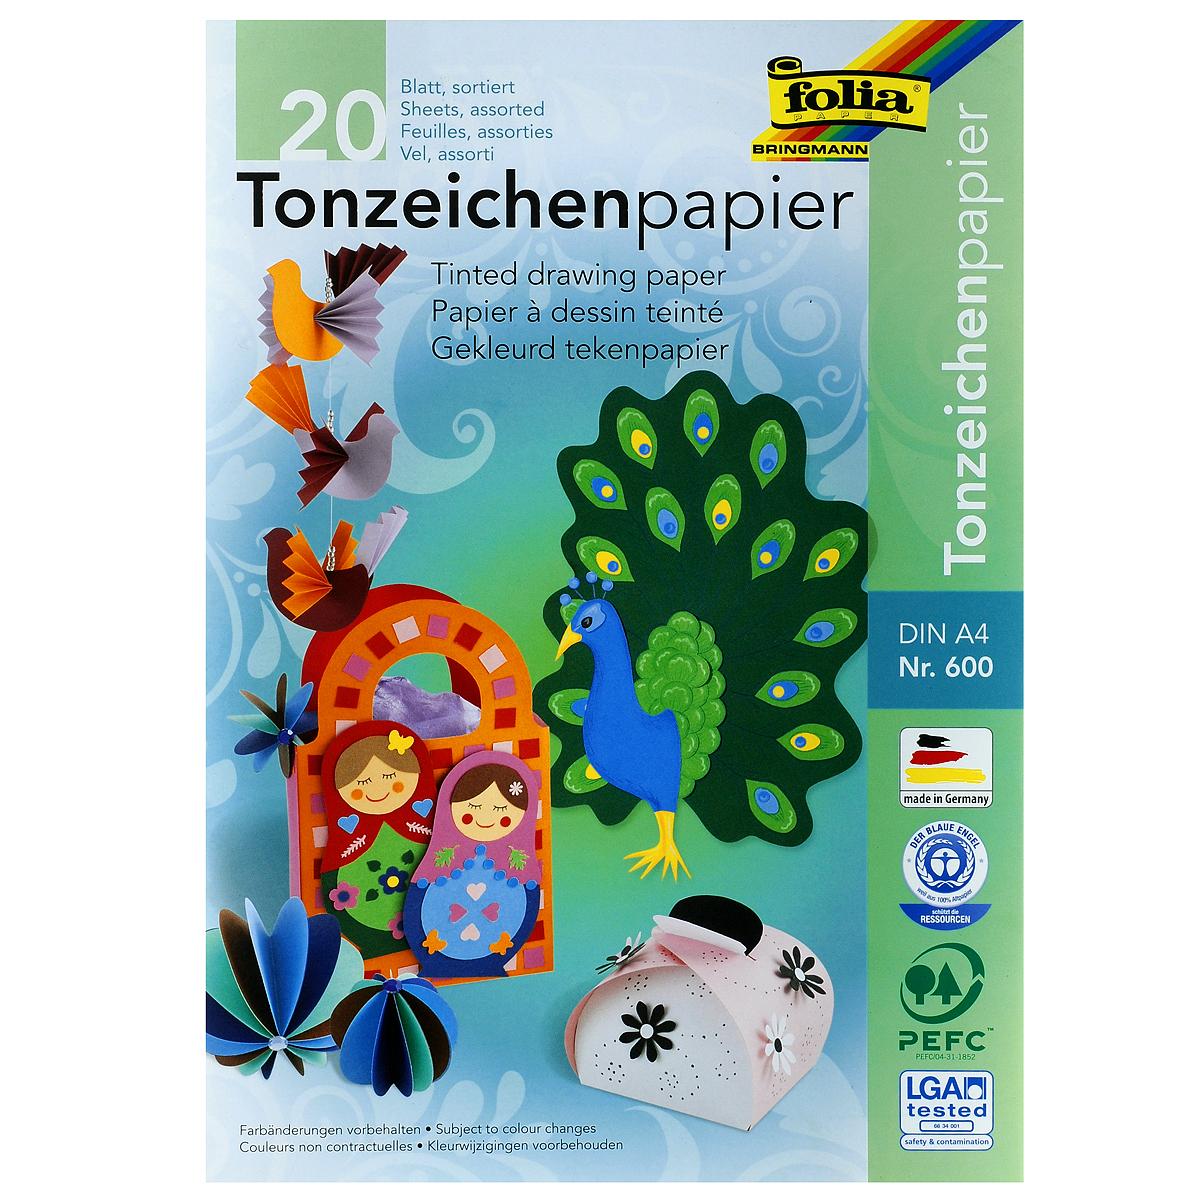 Набор двусторонней цветной бумаги Folia, 20 листов72523WDНабор цветной двусторонней бумаги Folia позволит создавать всевозможные аппликации и поделки. В набор входит бумага желтого, оранжевого, красного, розового, голубого, салатового, зеленого, синего, коричневого и черного цветов. Создание поделок из цветной бумаги позволяет ребенку развивать творческие способности, кроме того, это увлекательный досуг.